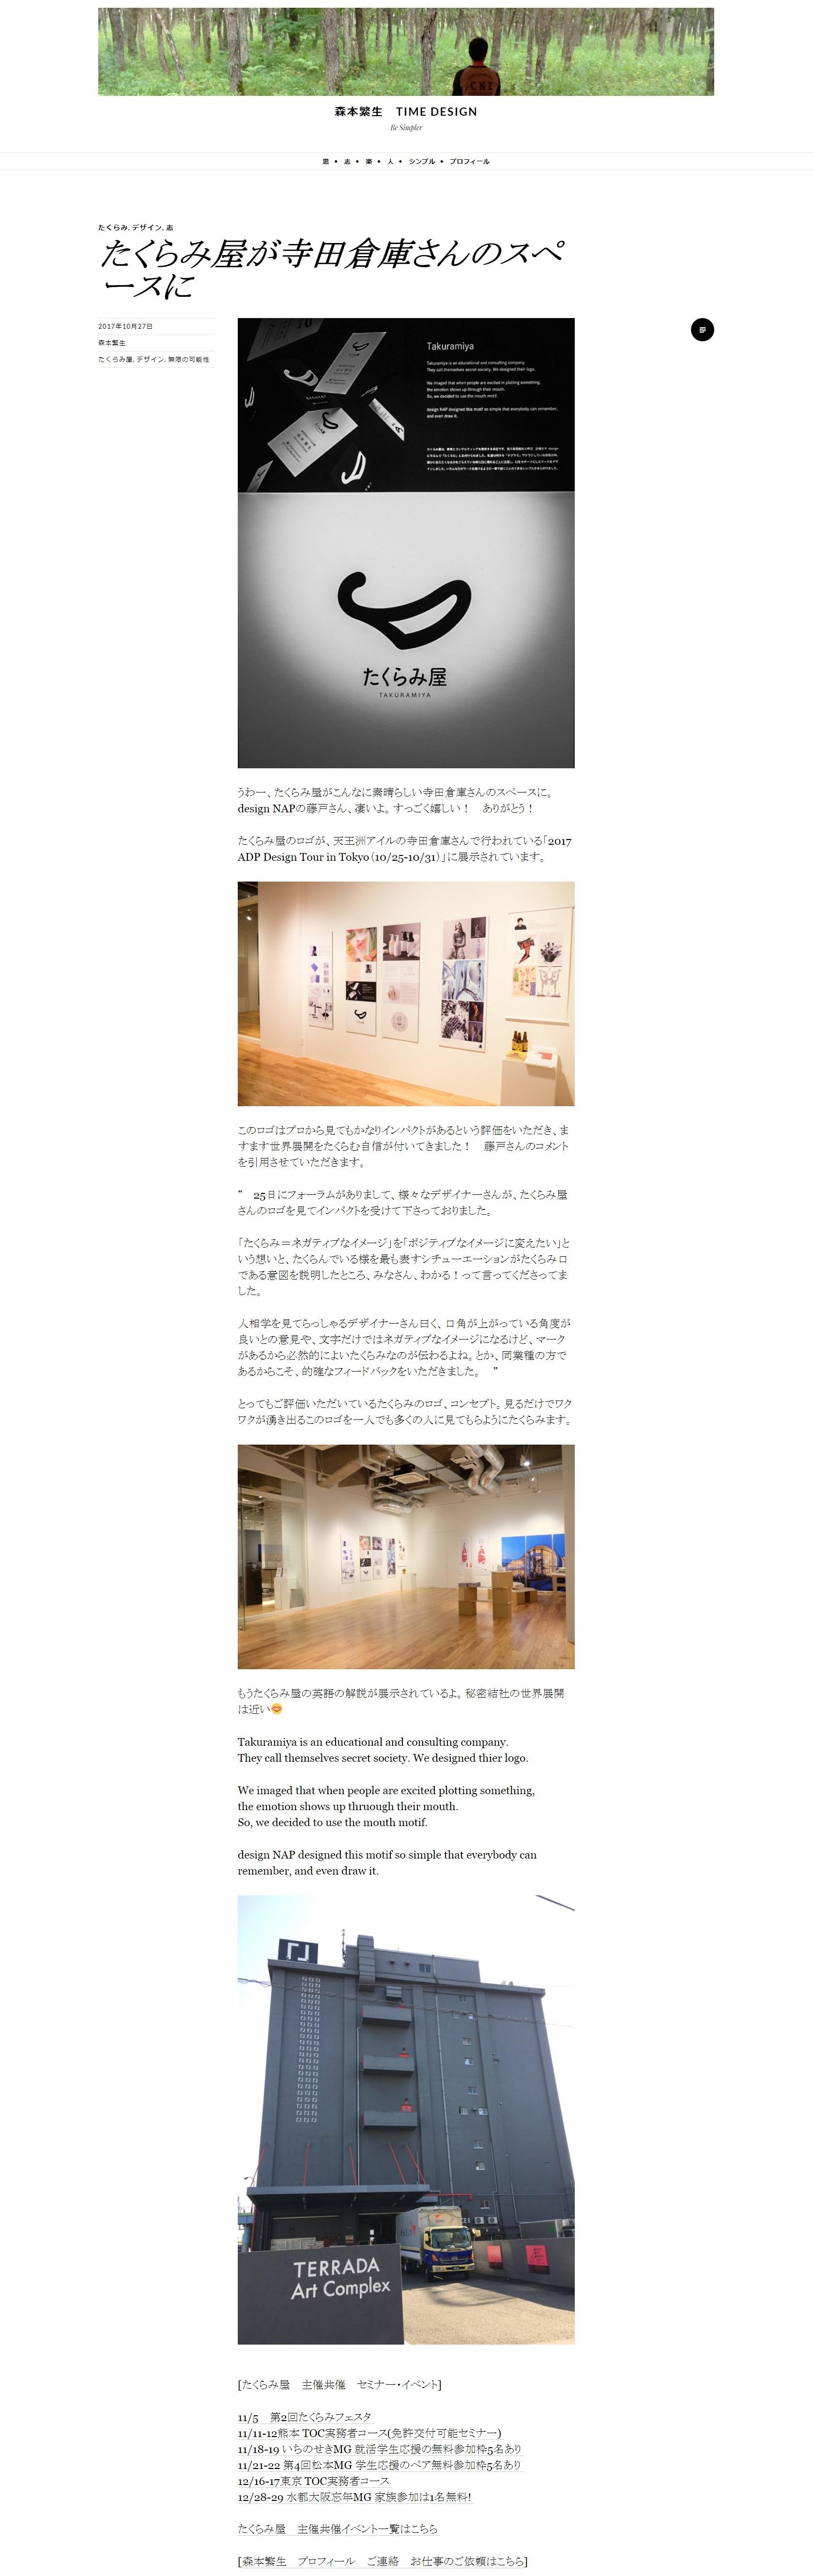 18. 森本繁生.jpg